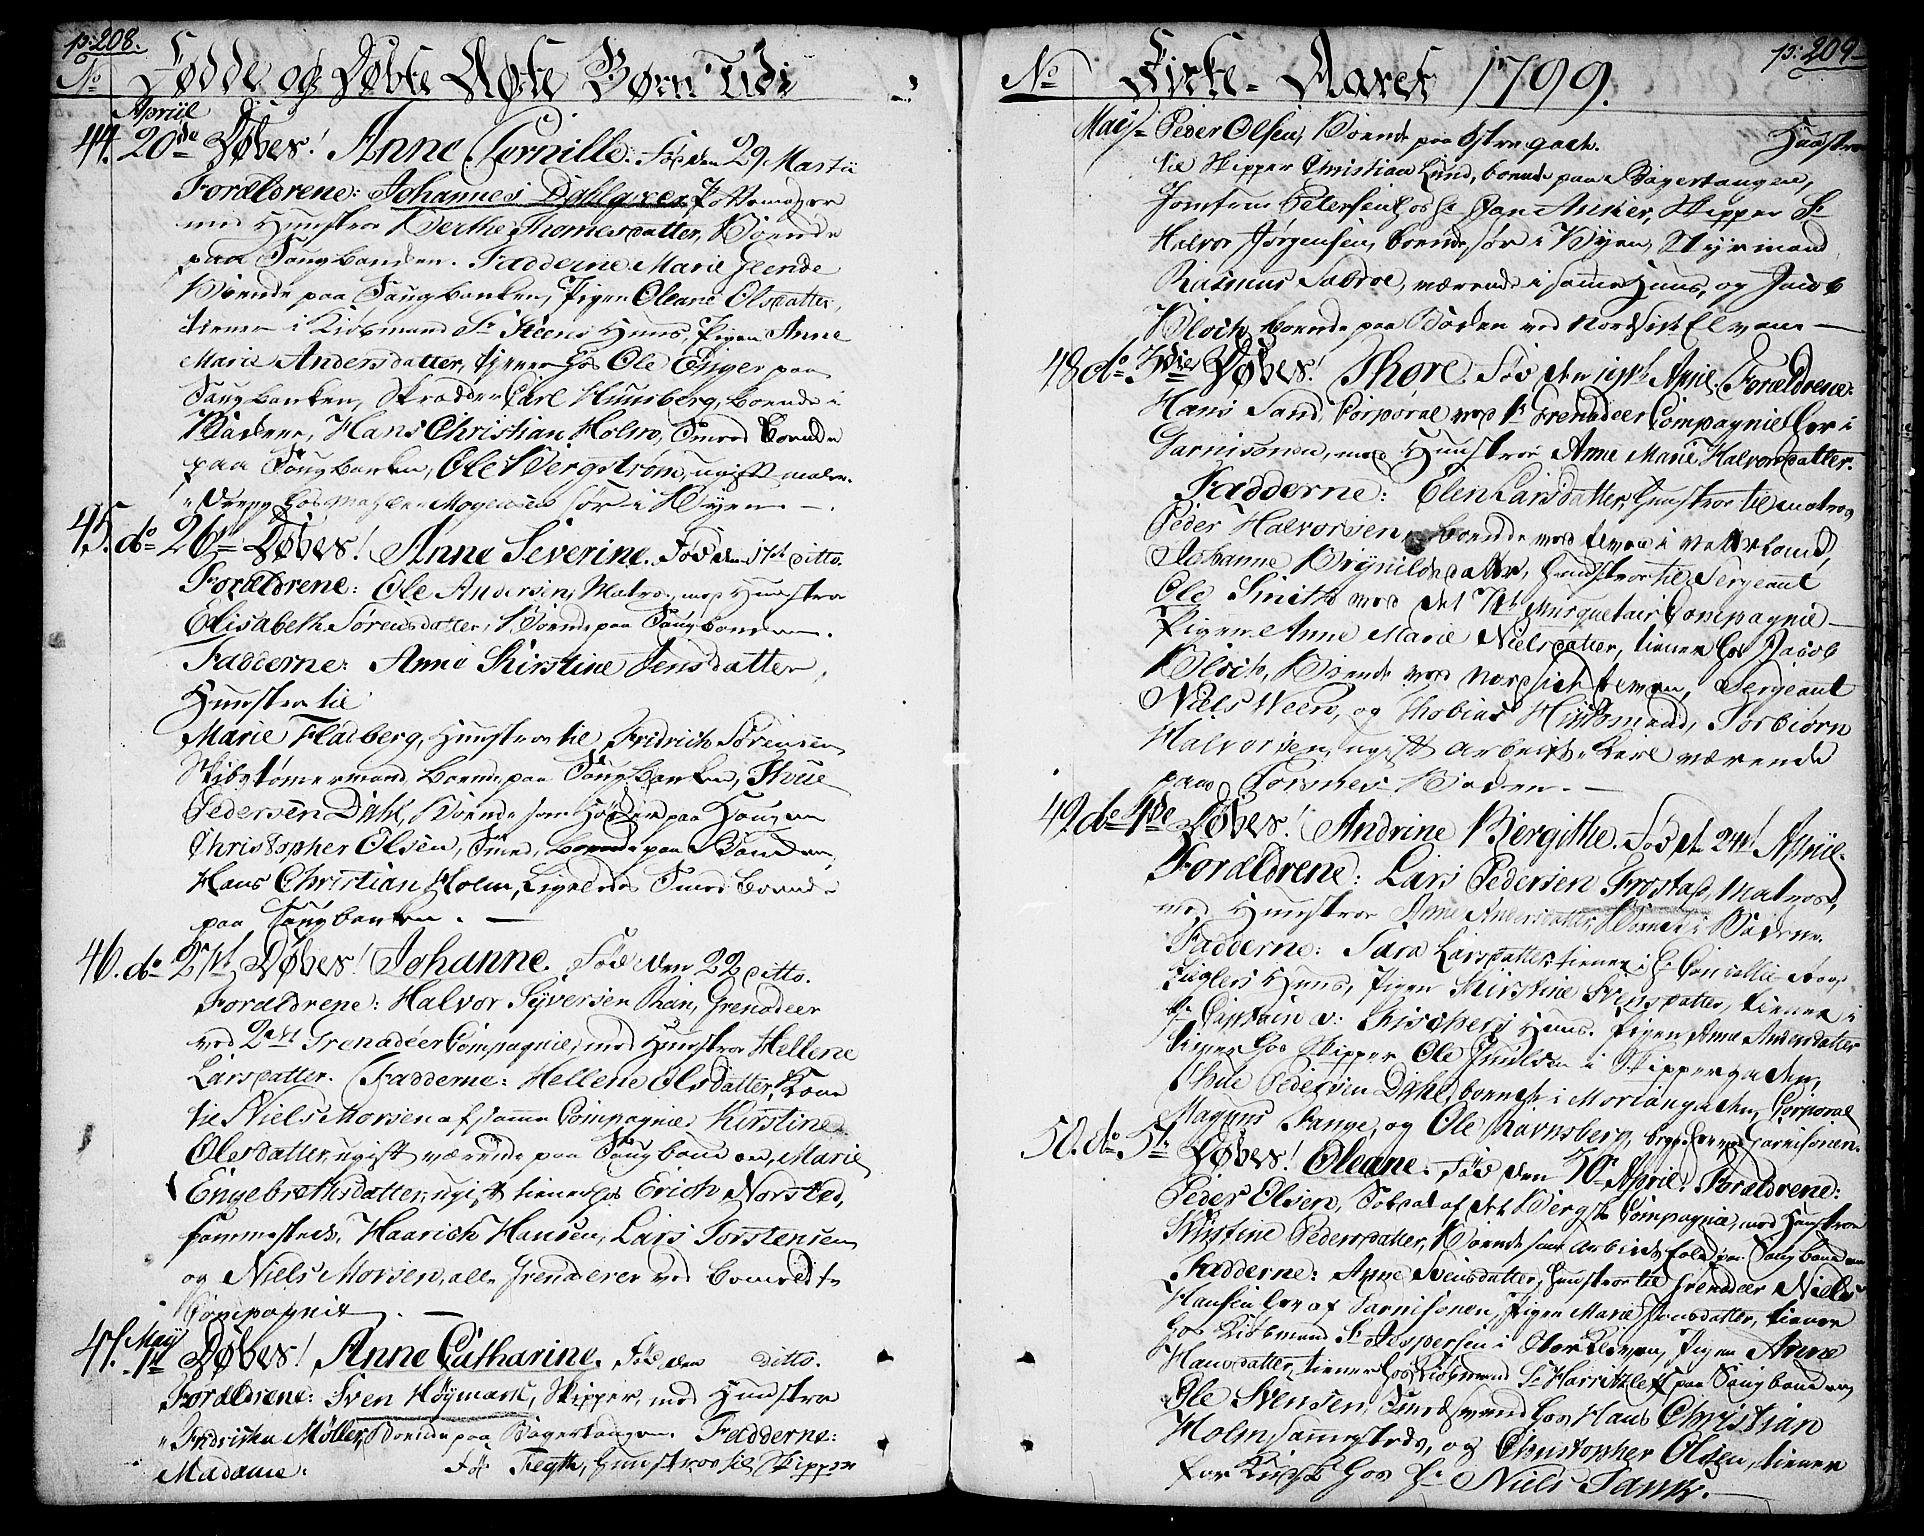 SAO, Halden prestekontor Kirkebøker, F/Fa/L0002: Ministerialbok nr. I 2, 1792-1812, s. 208-209